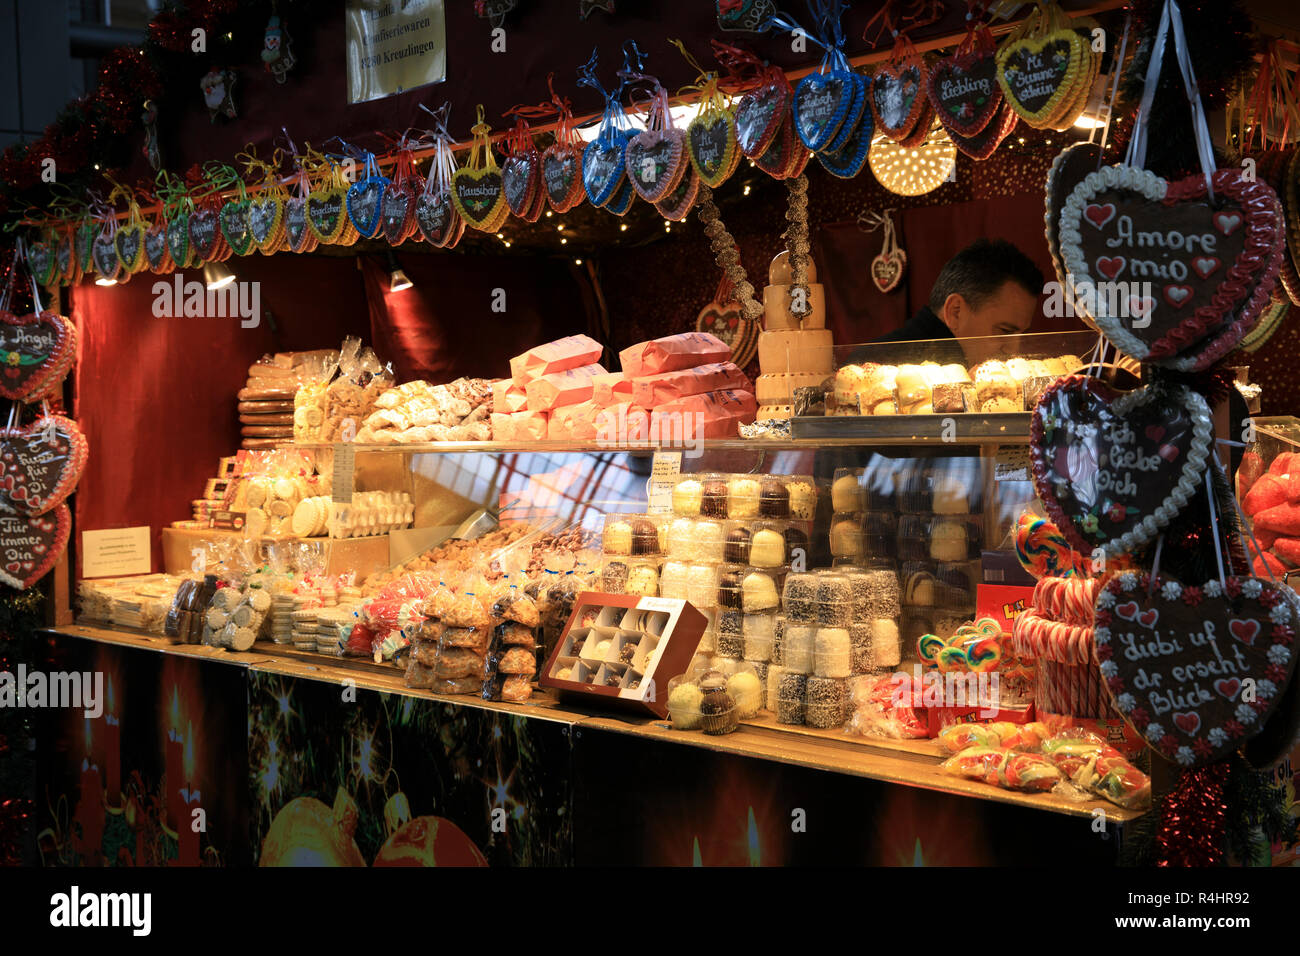 Christmas market decorations at Zurich train station, Zurich, Switzerland, Europe - Stock Image